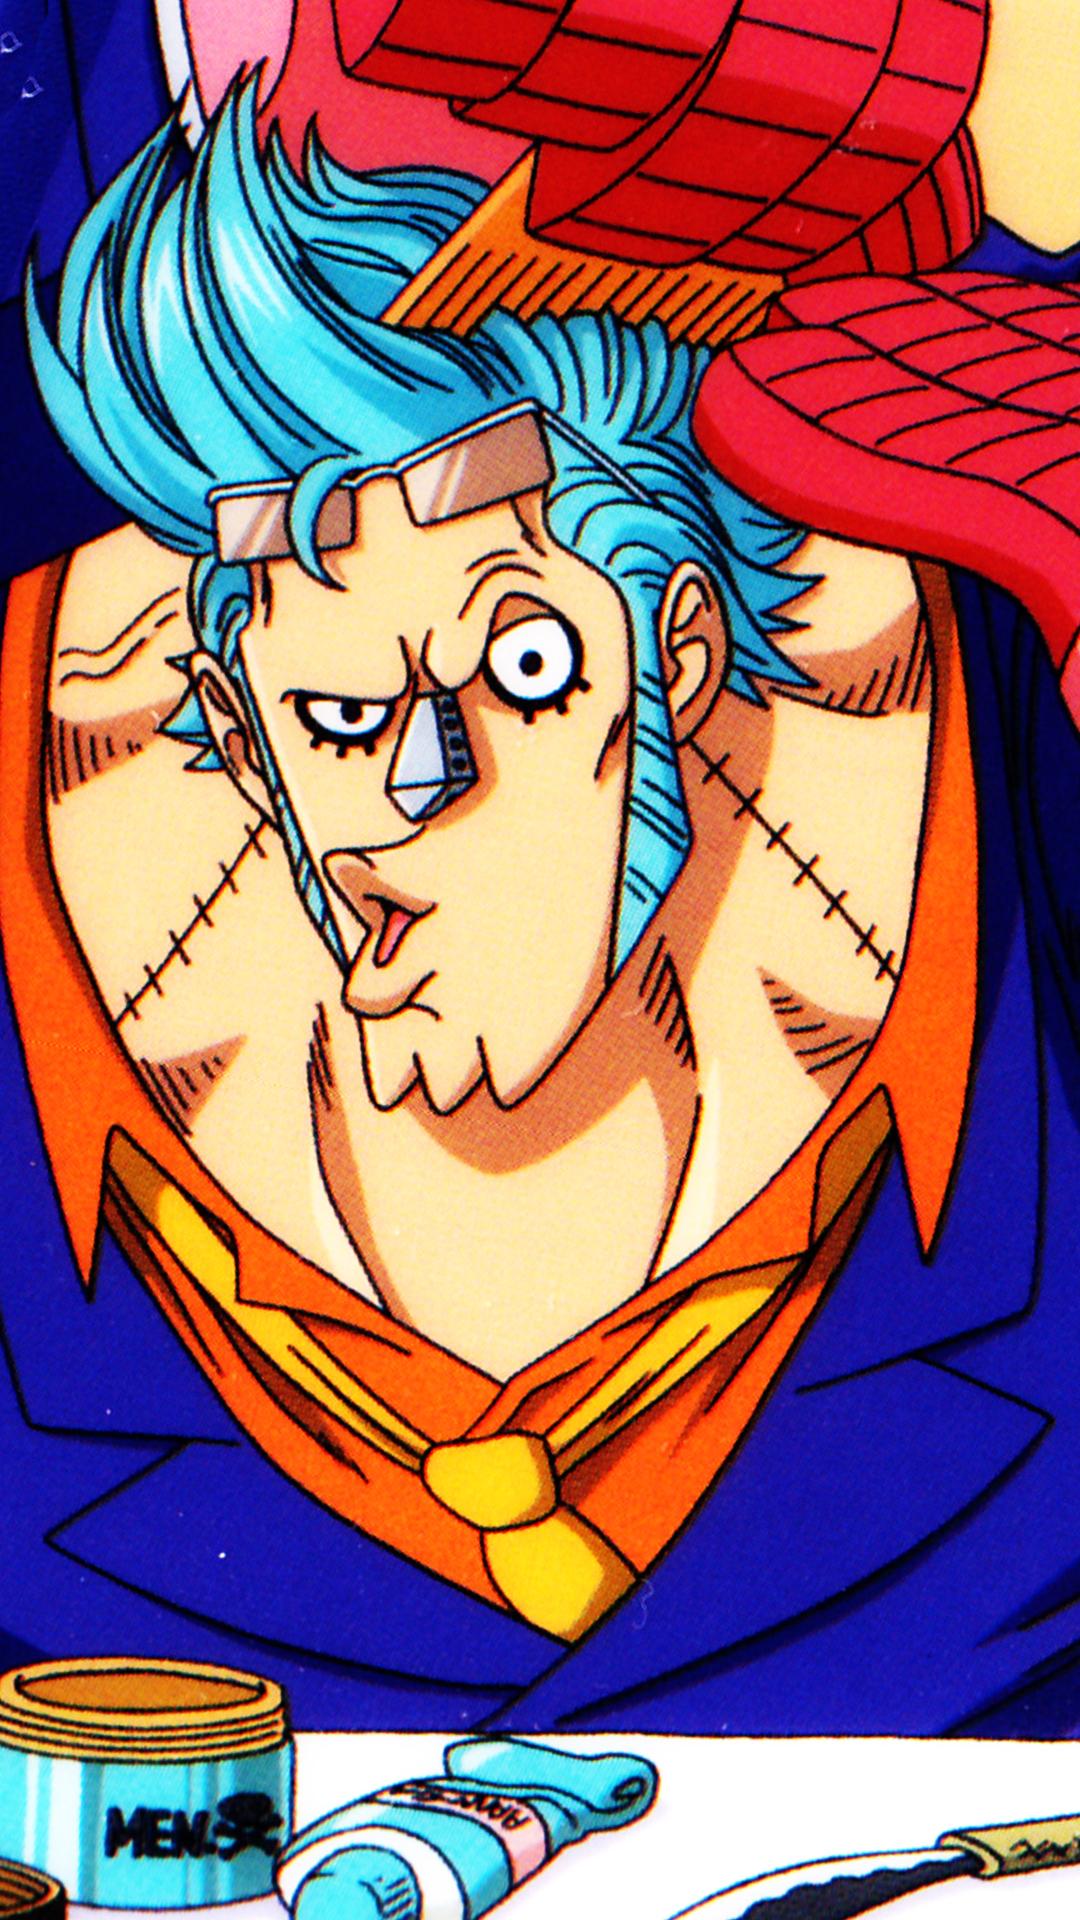 Franky - ONE PIECE - Image #2313044 - Zerochan Anime Image ...